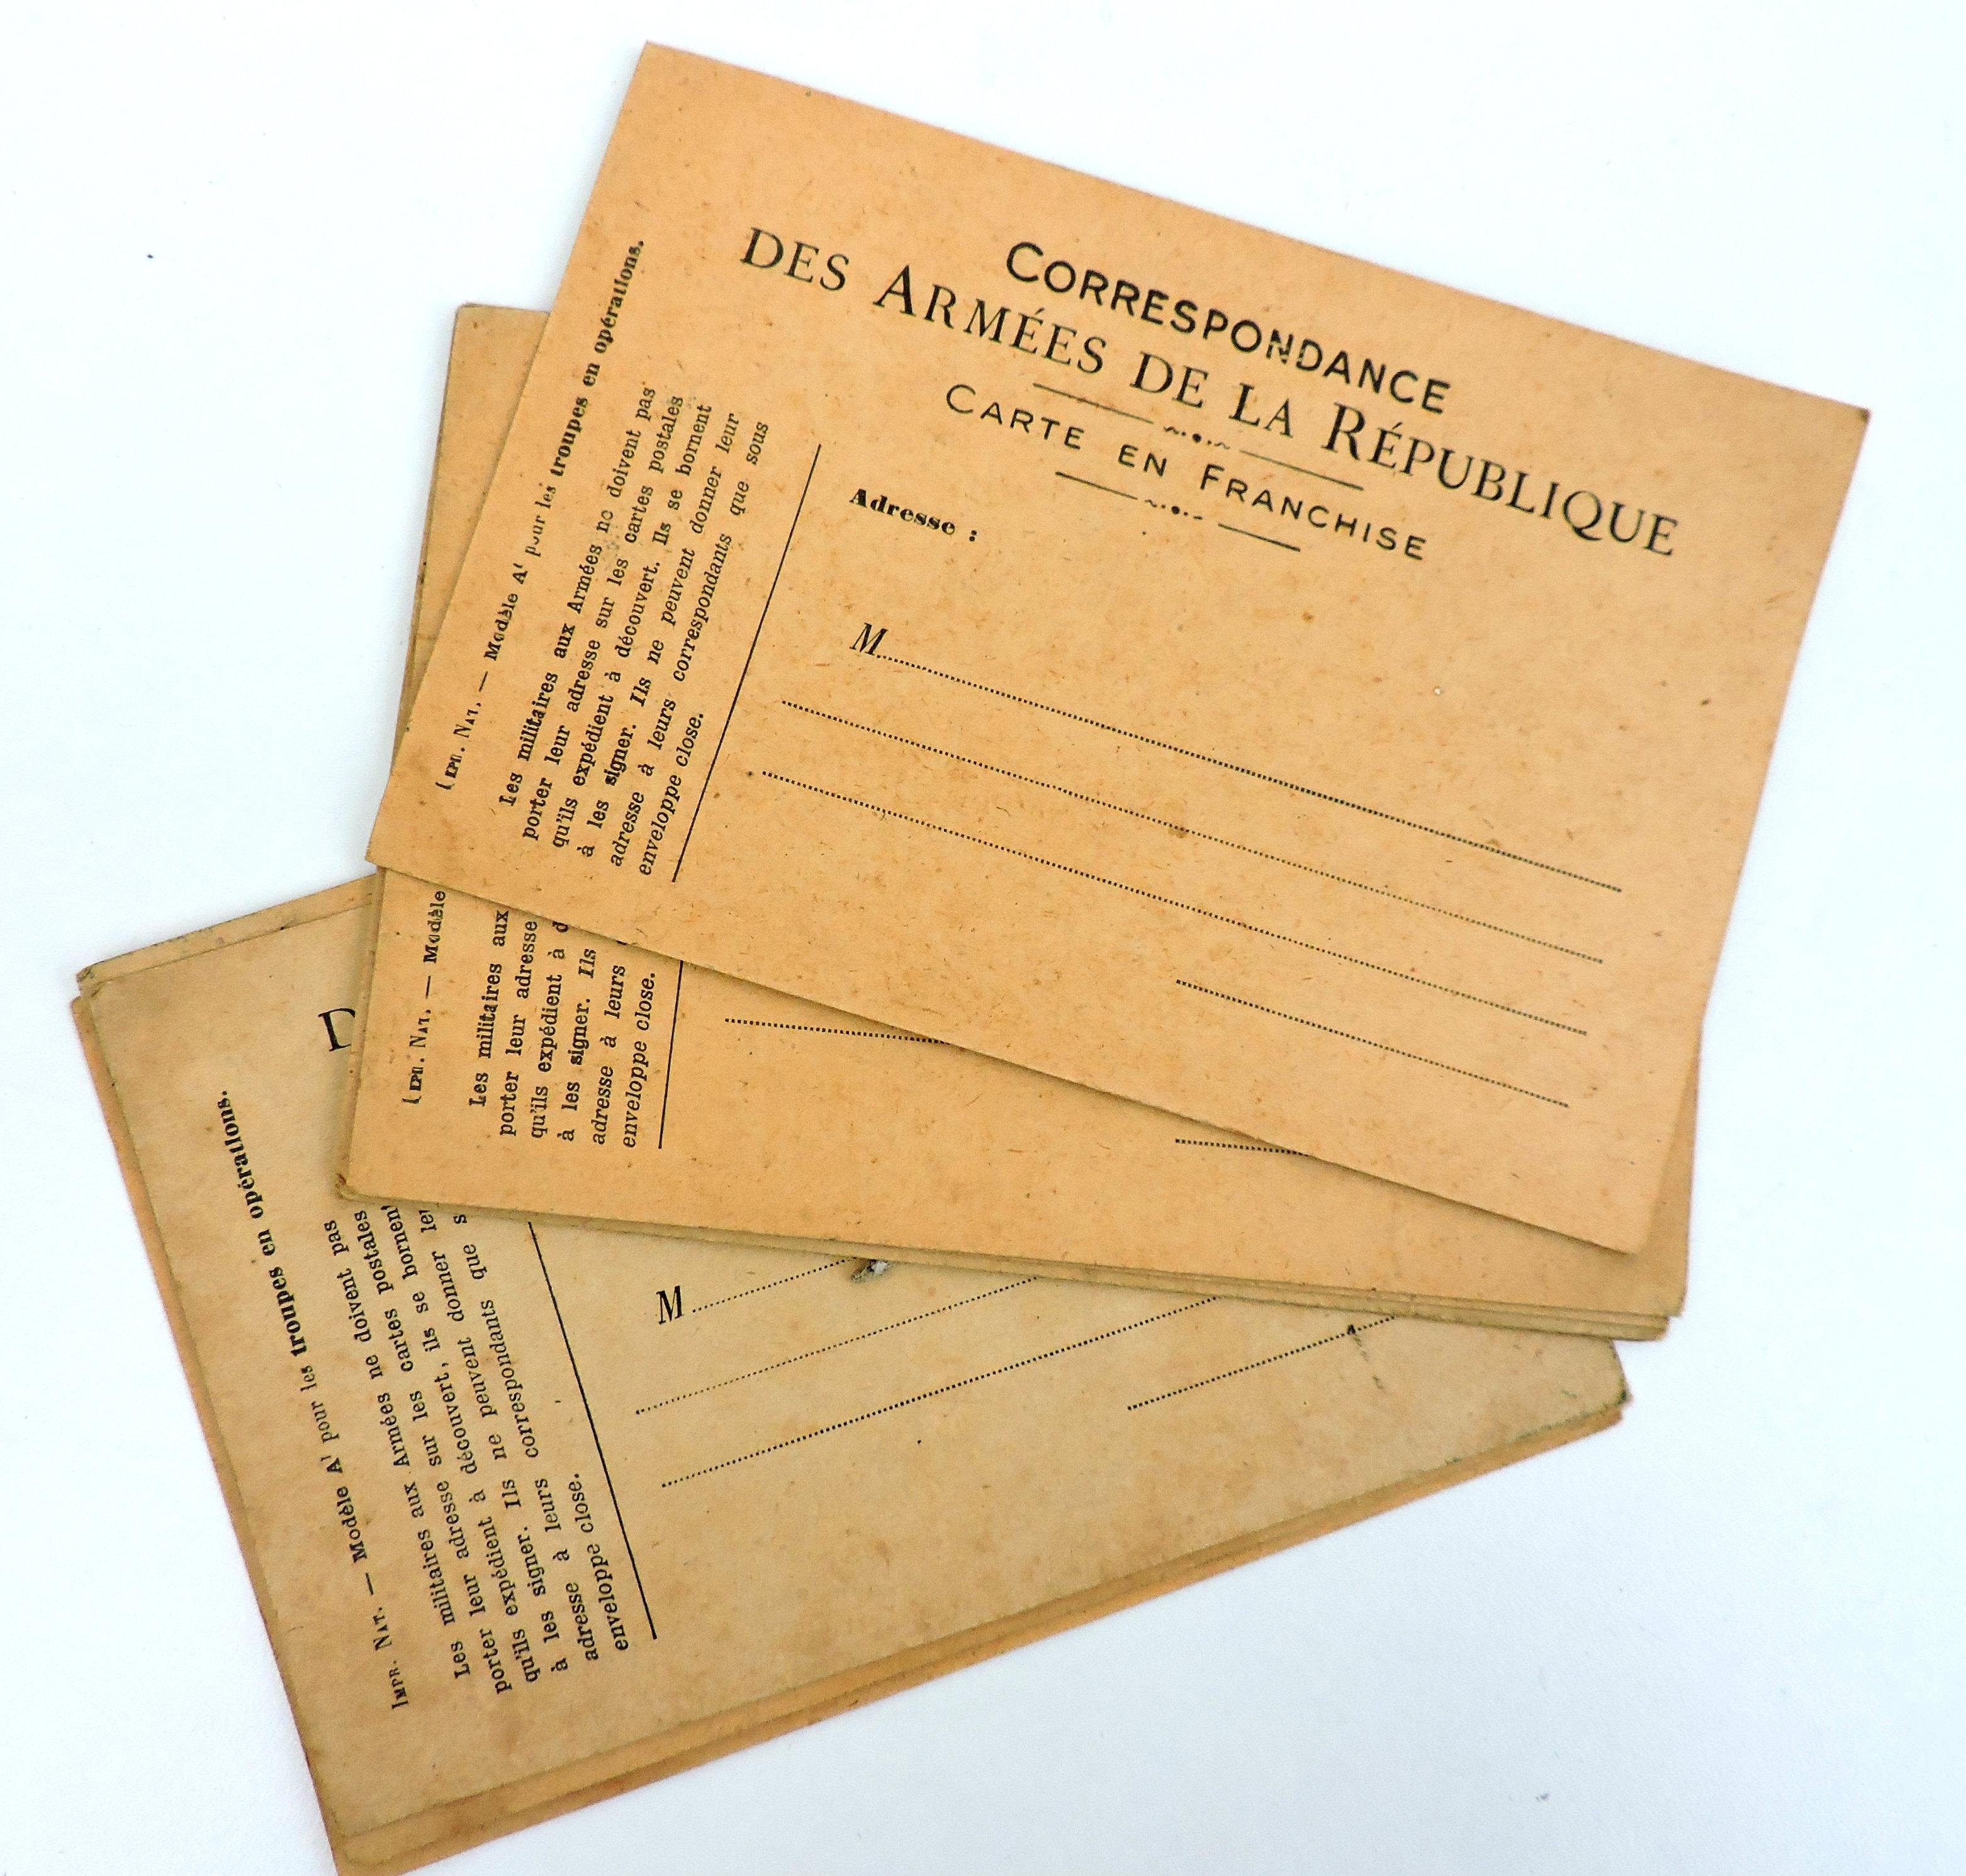 Carte postale vierge Correspondance des Armées de la République 14-18